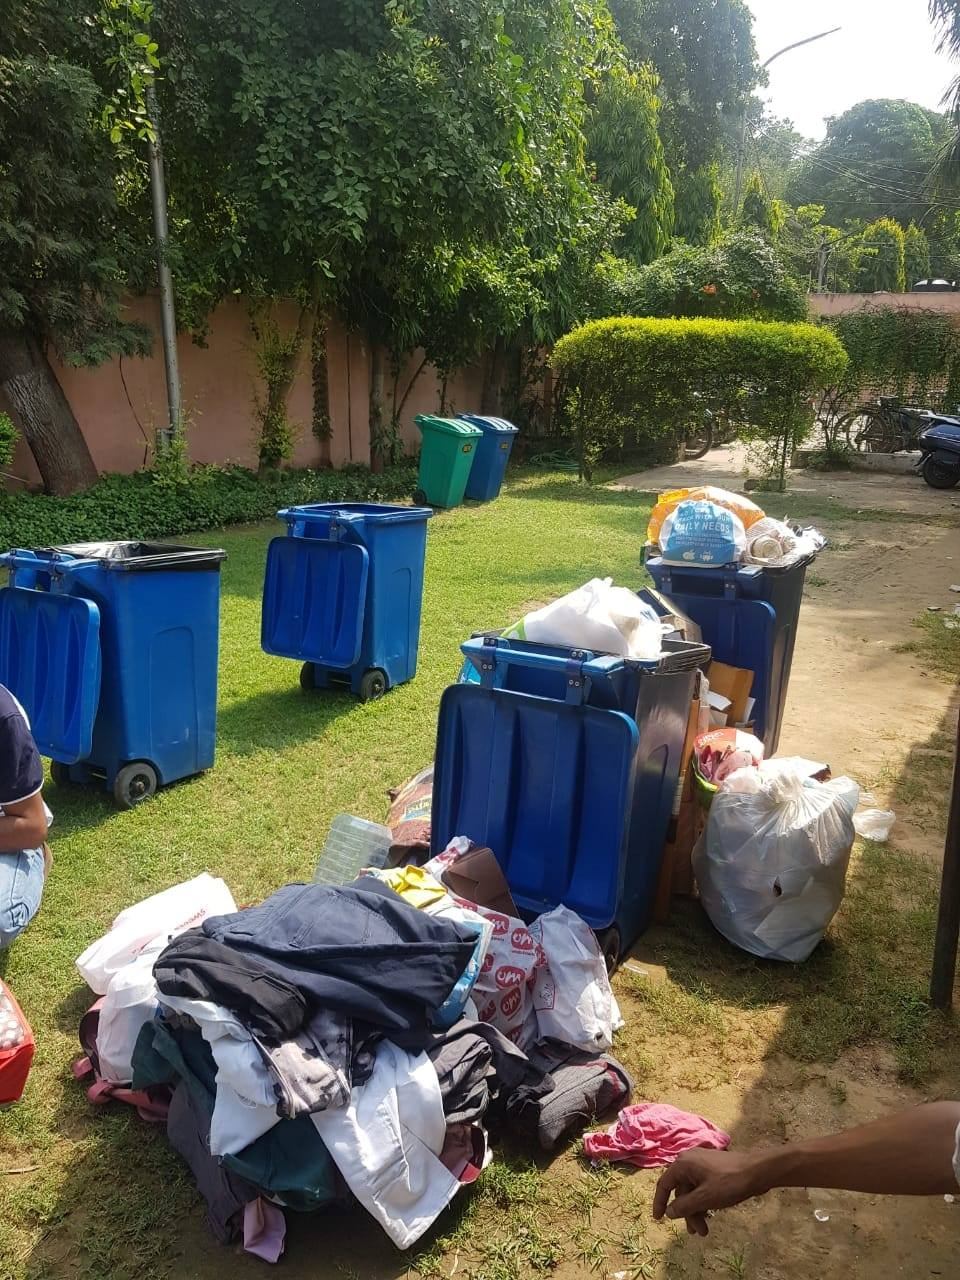 Raddiwala in gurgaon